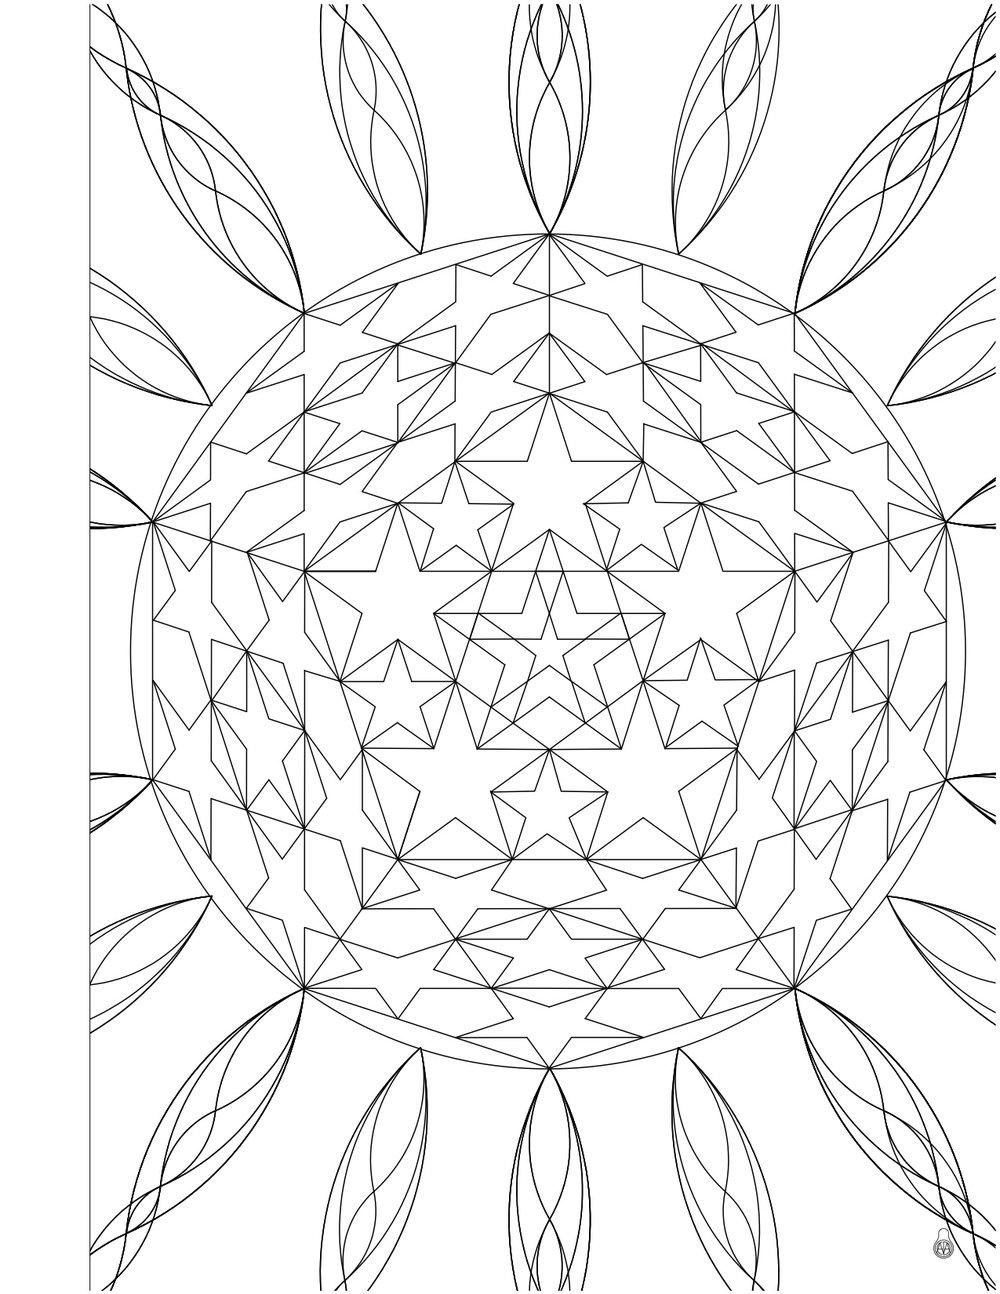 26 DodecahedronBleed.jpg